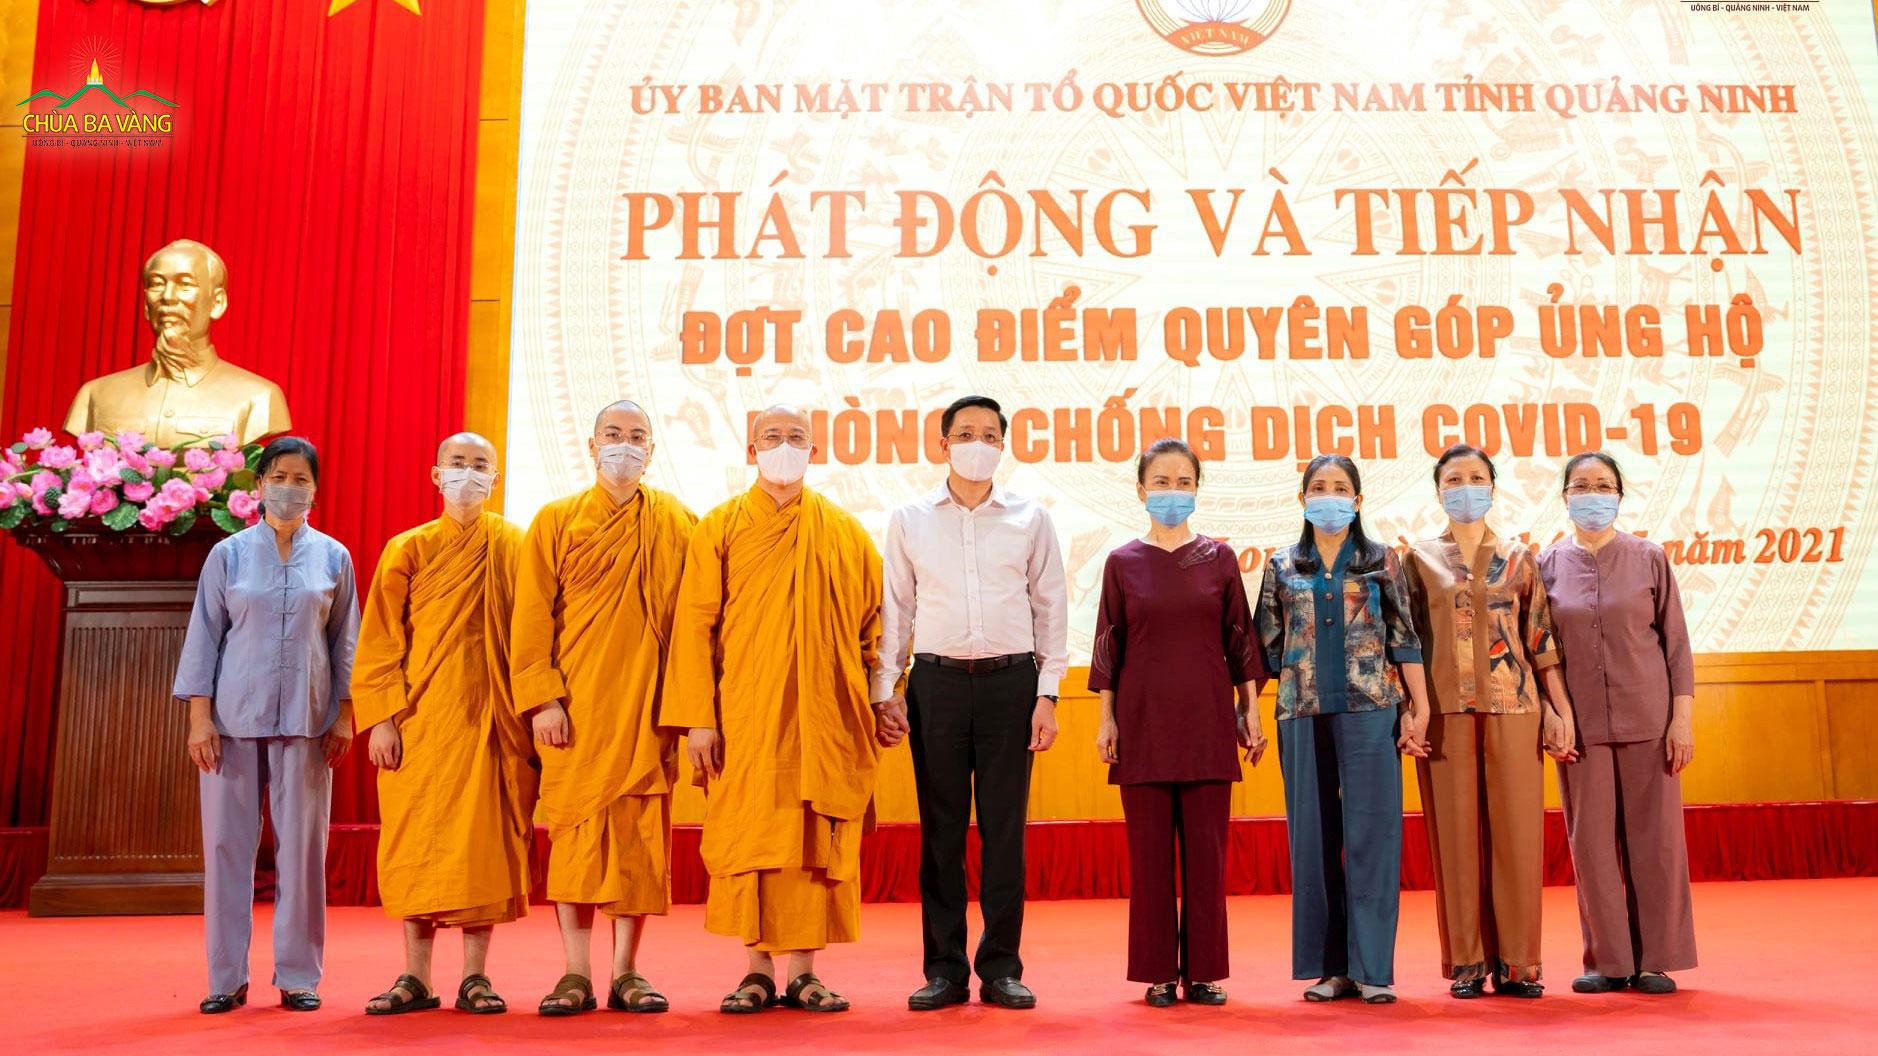 Ông Nguyễn Văn Hồi - Trưởng Ban Dân vận Tỉnh ủy, Chủ tịch Ủy ban MTTQ tỉnh Quảng Ninh chụp ảnh cùng Sư Phụ Thích Trúc Thái Minh, chư Tăng và Phật tử chùa Ba Vàng tại buổi lễ